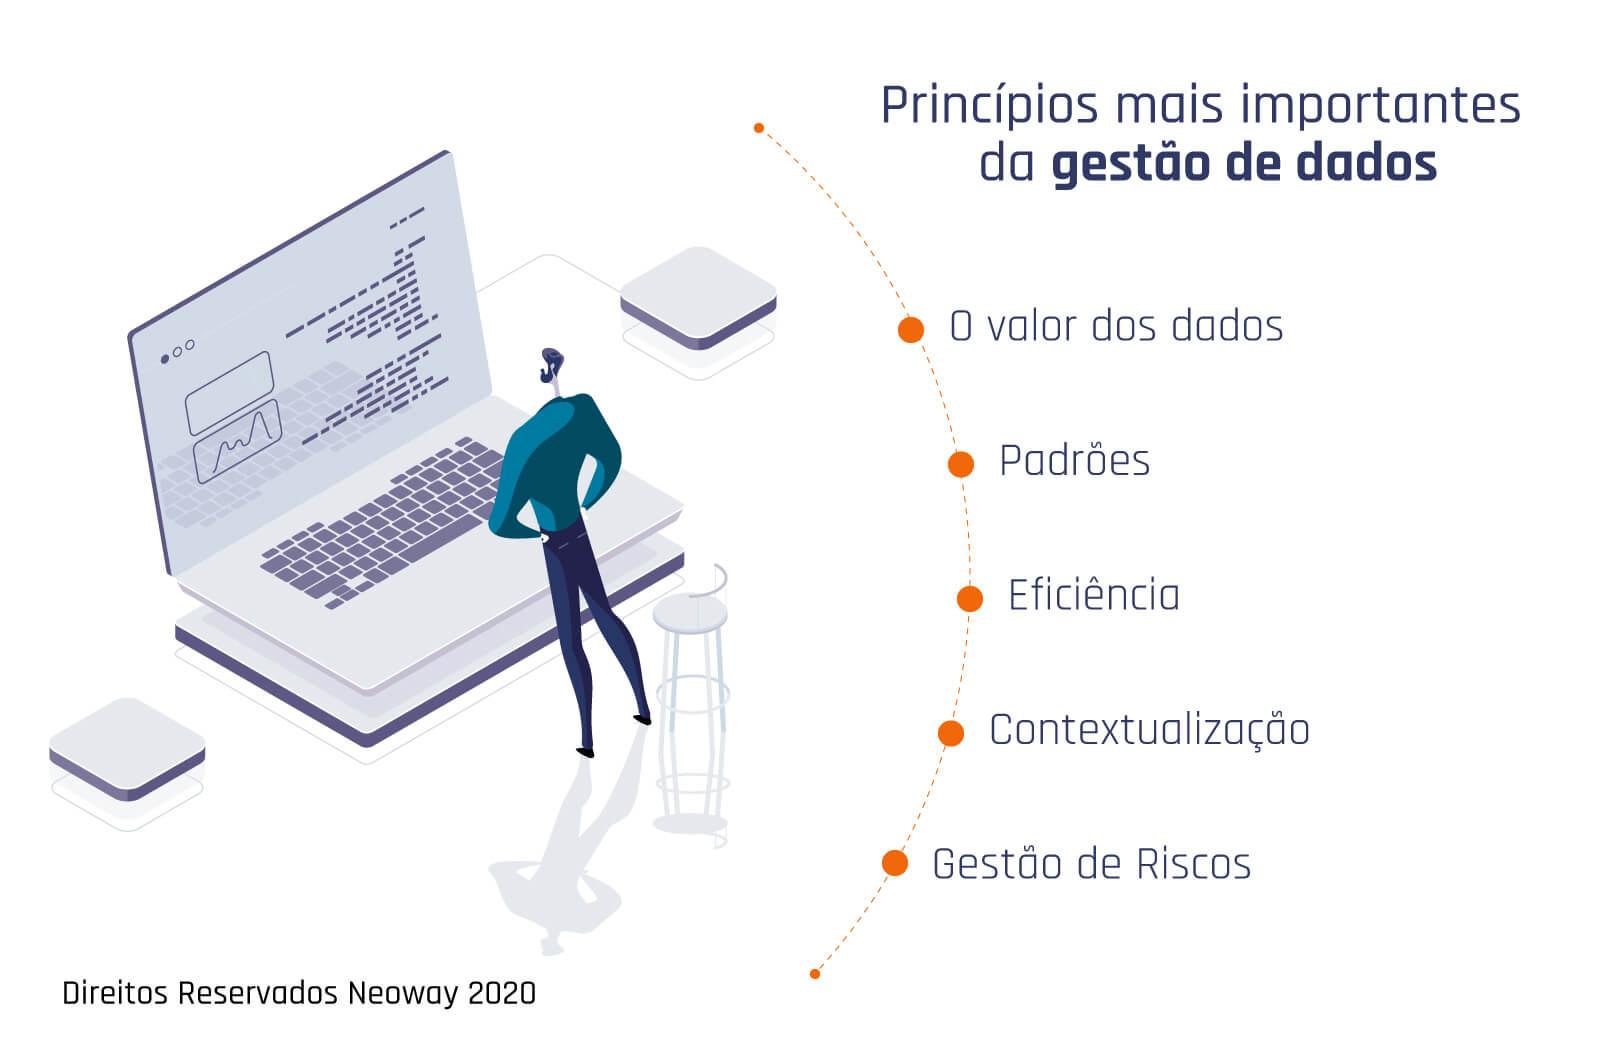 conheca os principios mais importantes da gestao de dados